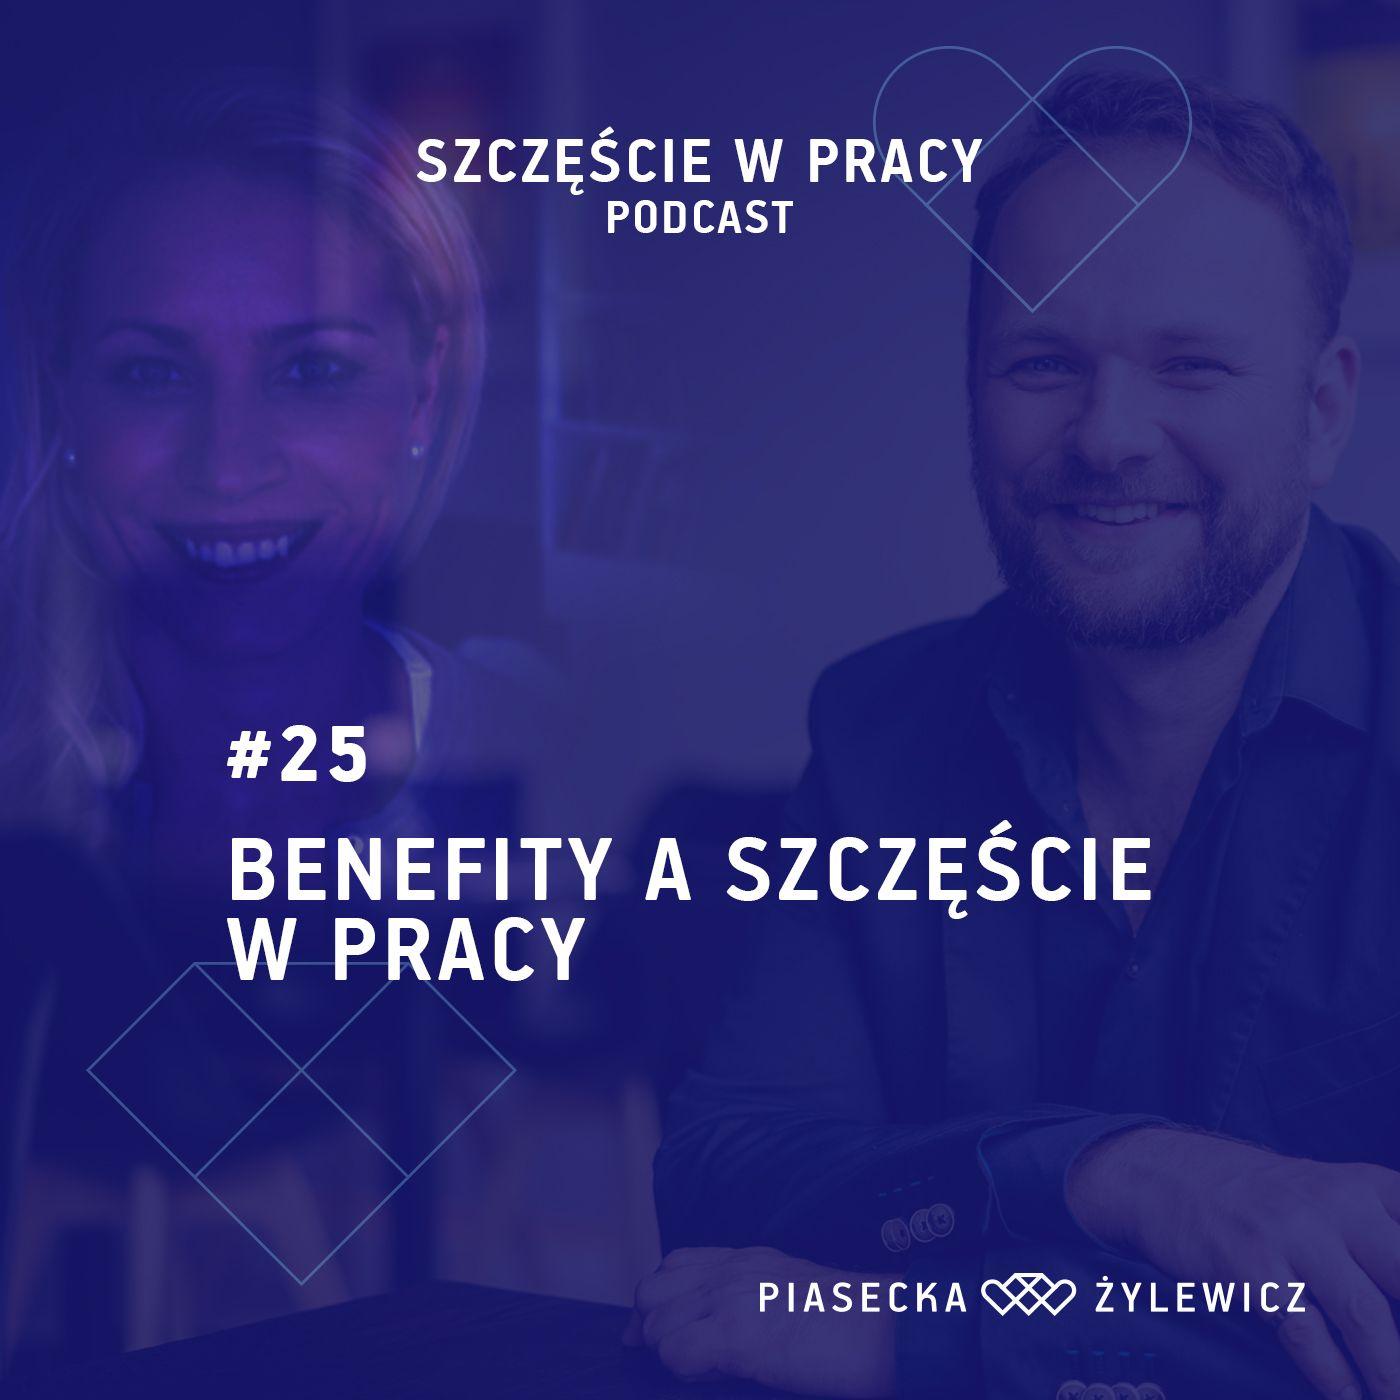 #25 Benefity a szczęście w pracy